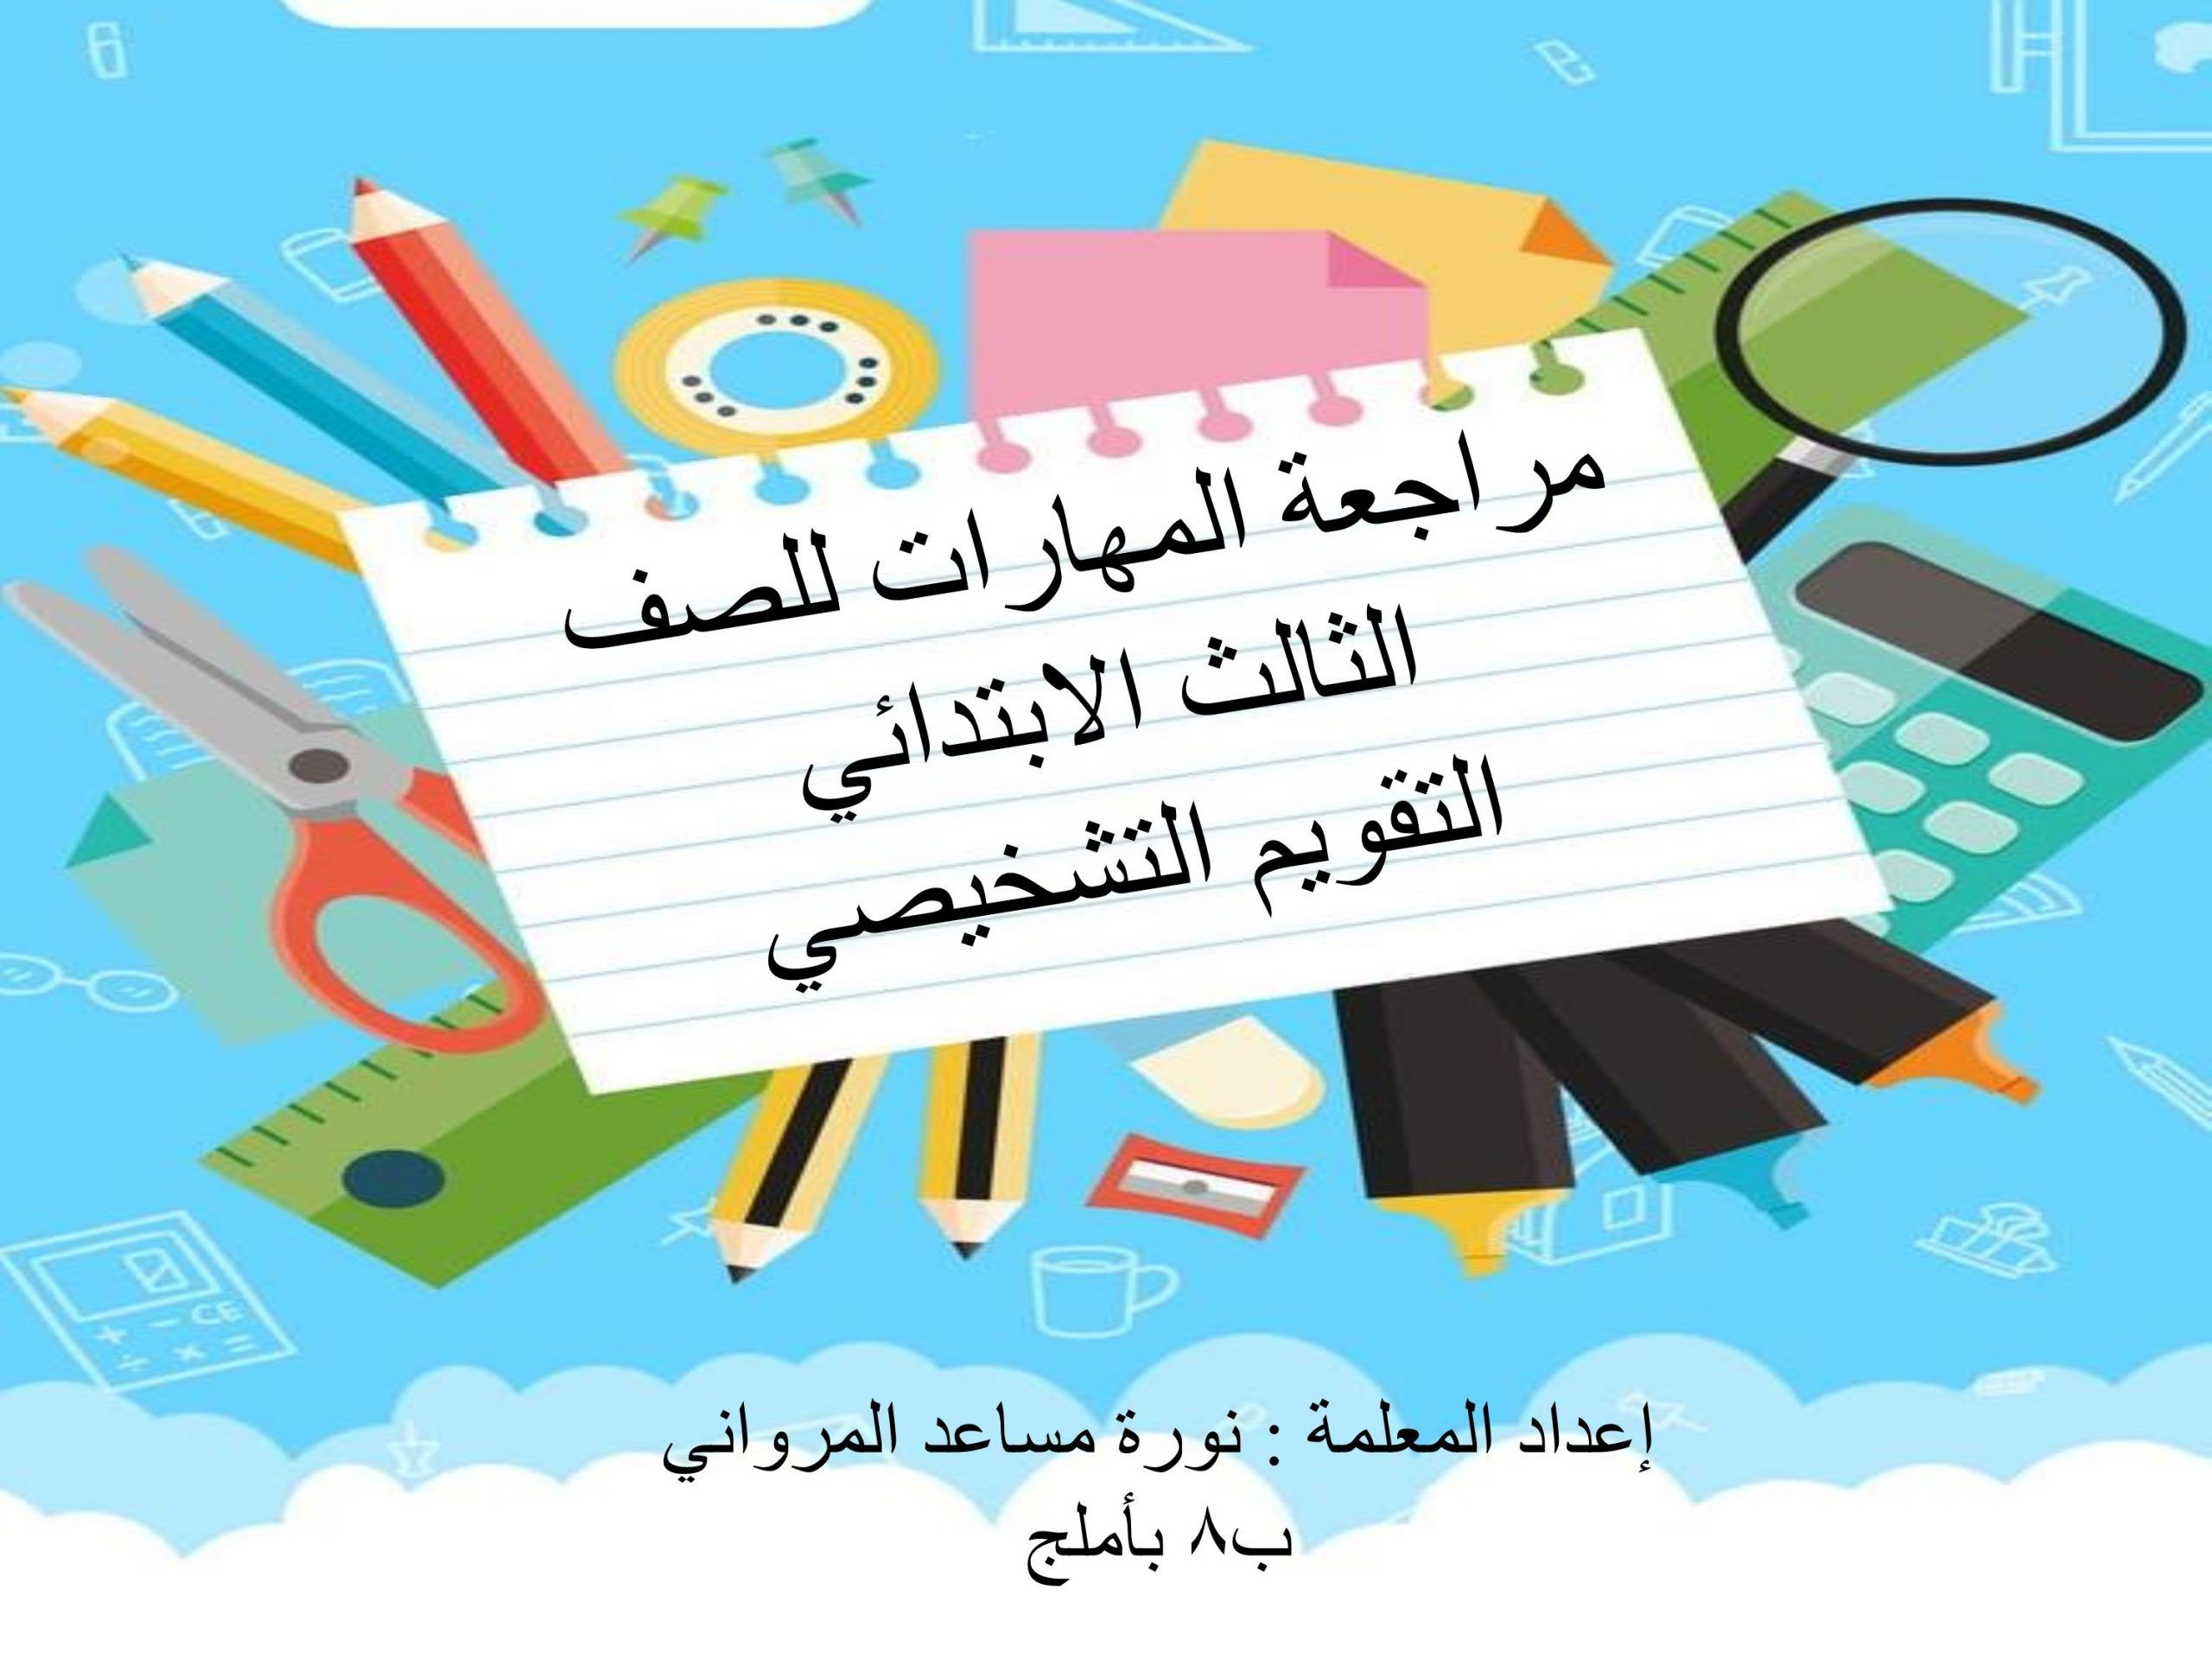 اللغة العربية بوربوينت يوم العيد لغير الناطقين بها للصف الثالث Arabic Calligraphy